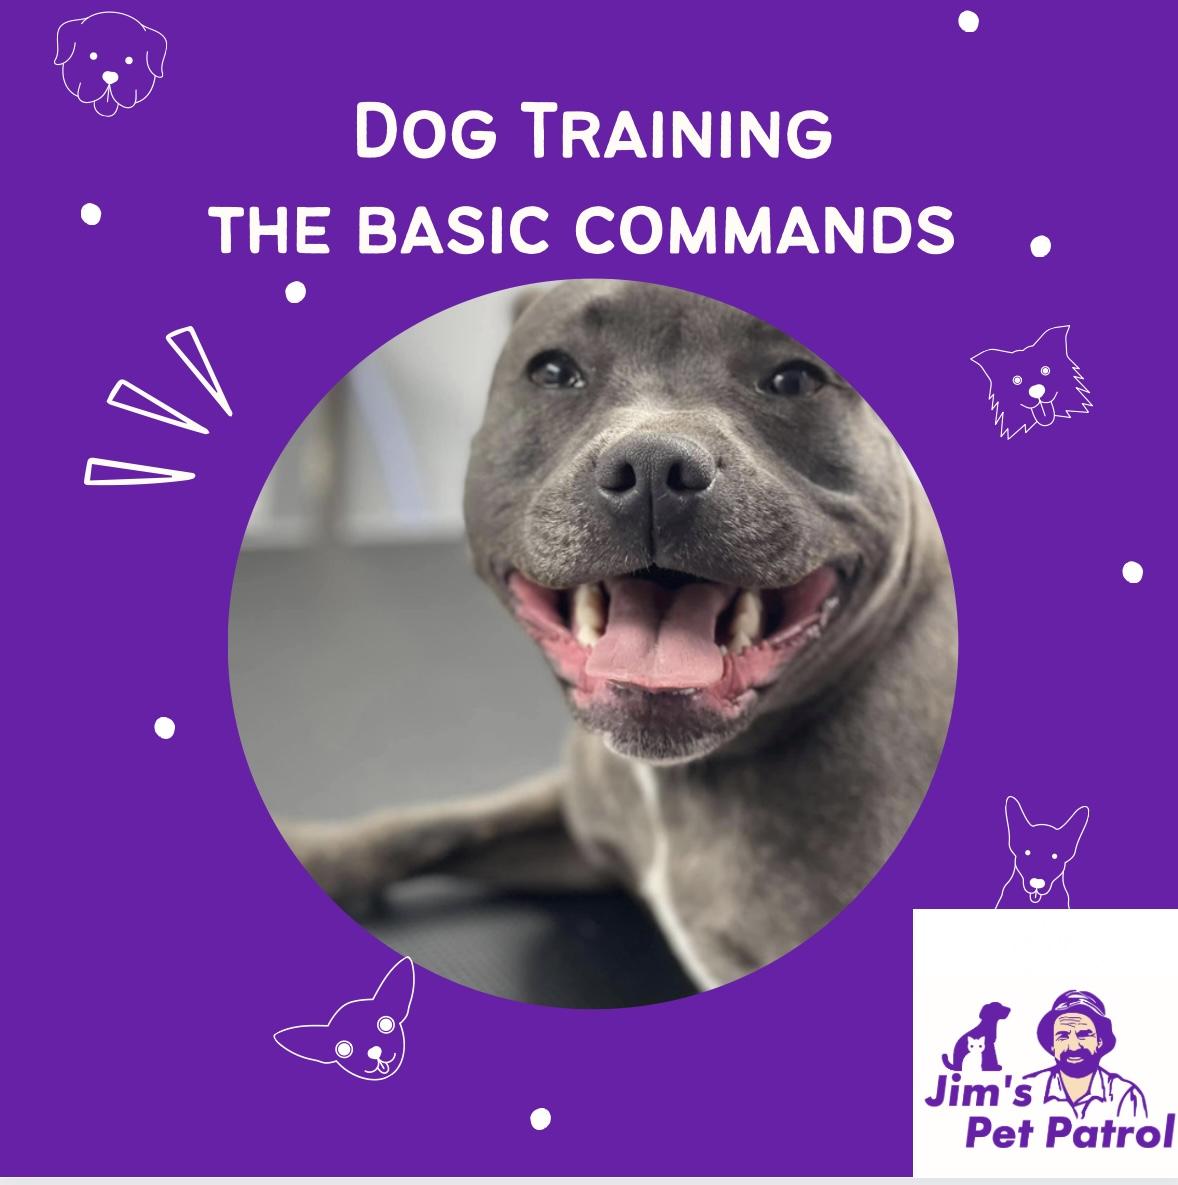 Dog training – Basic Commands